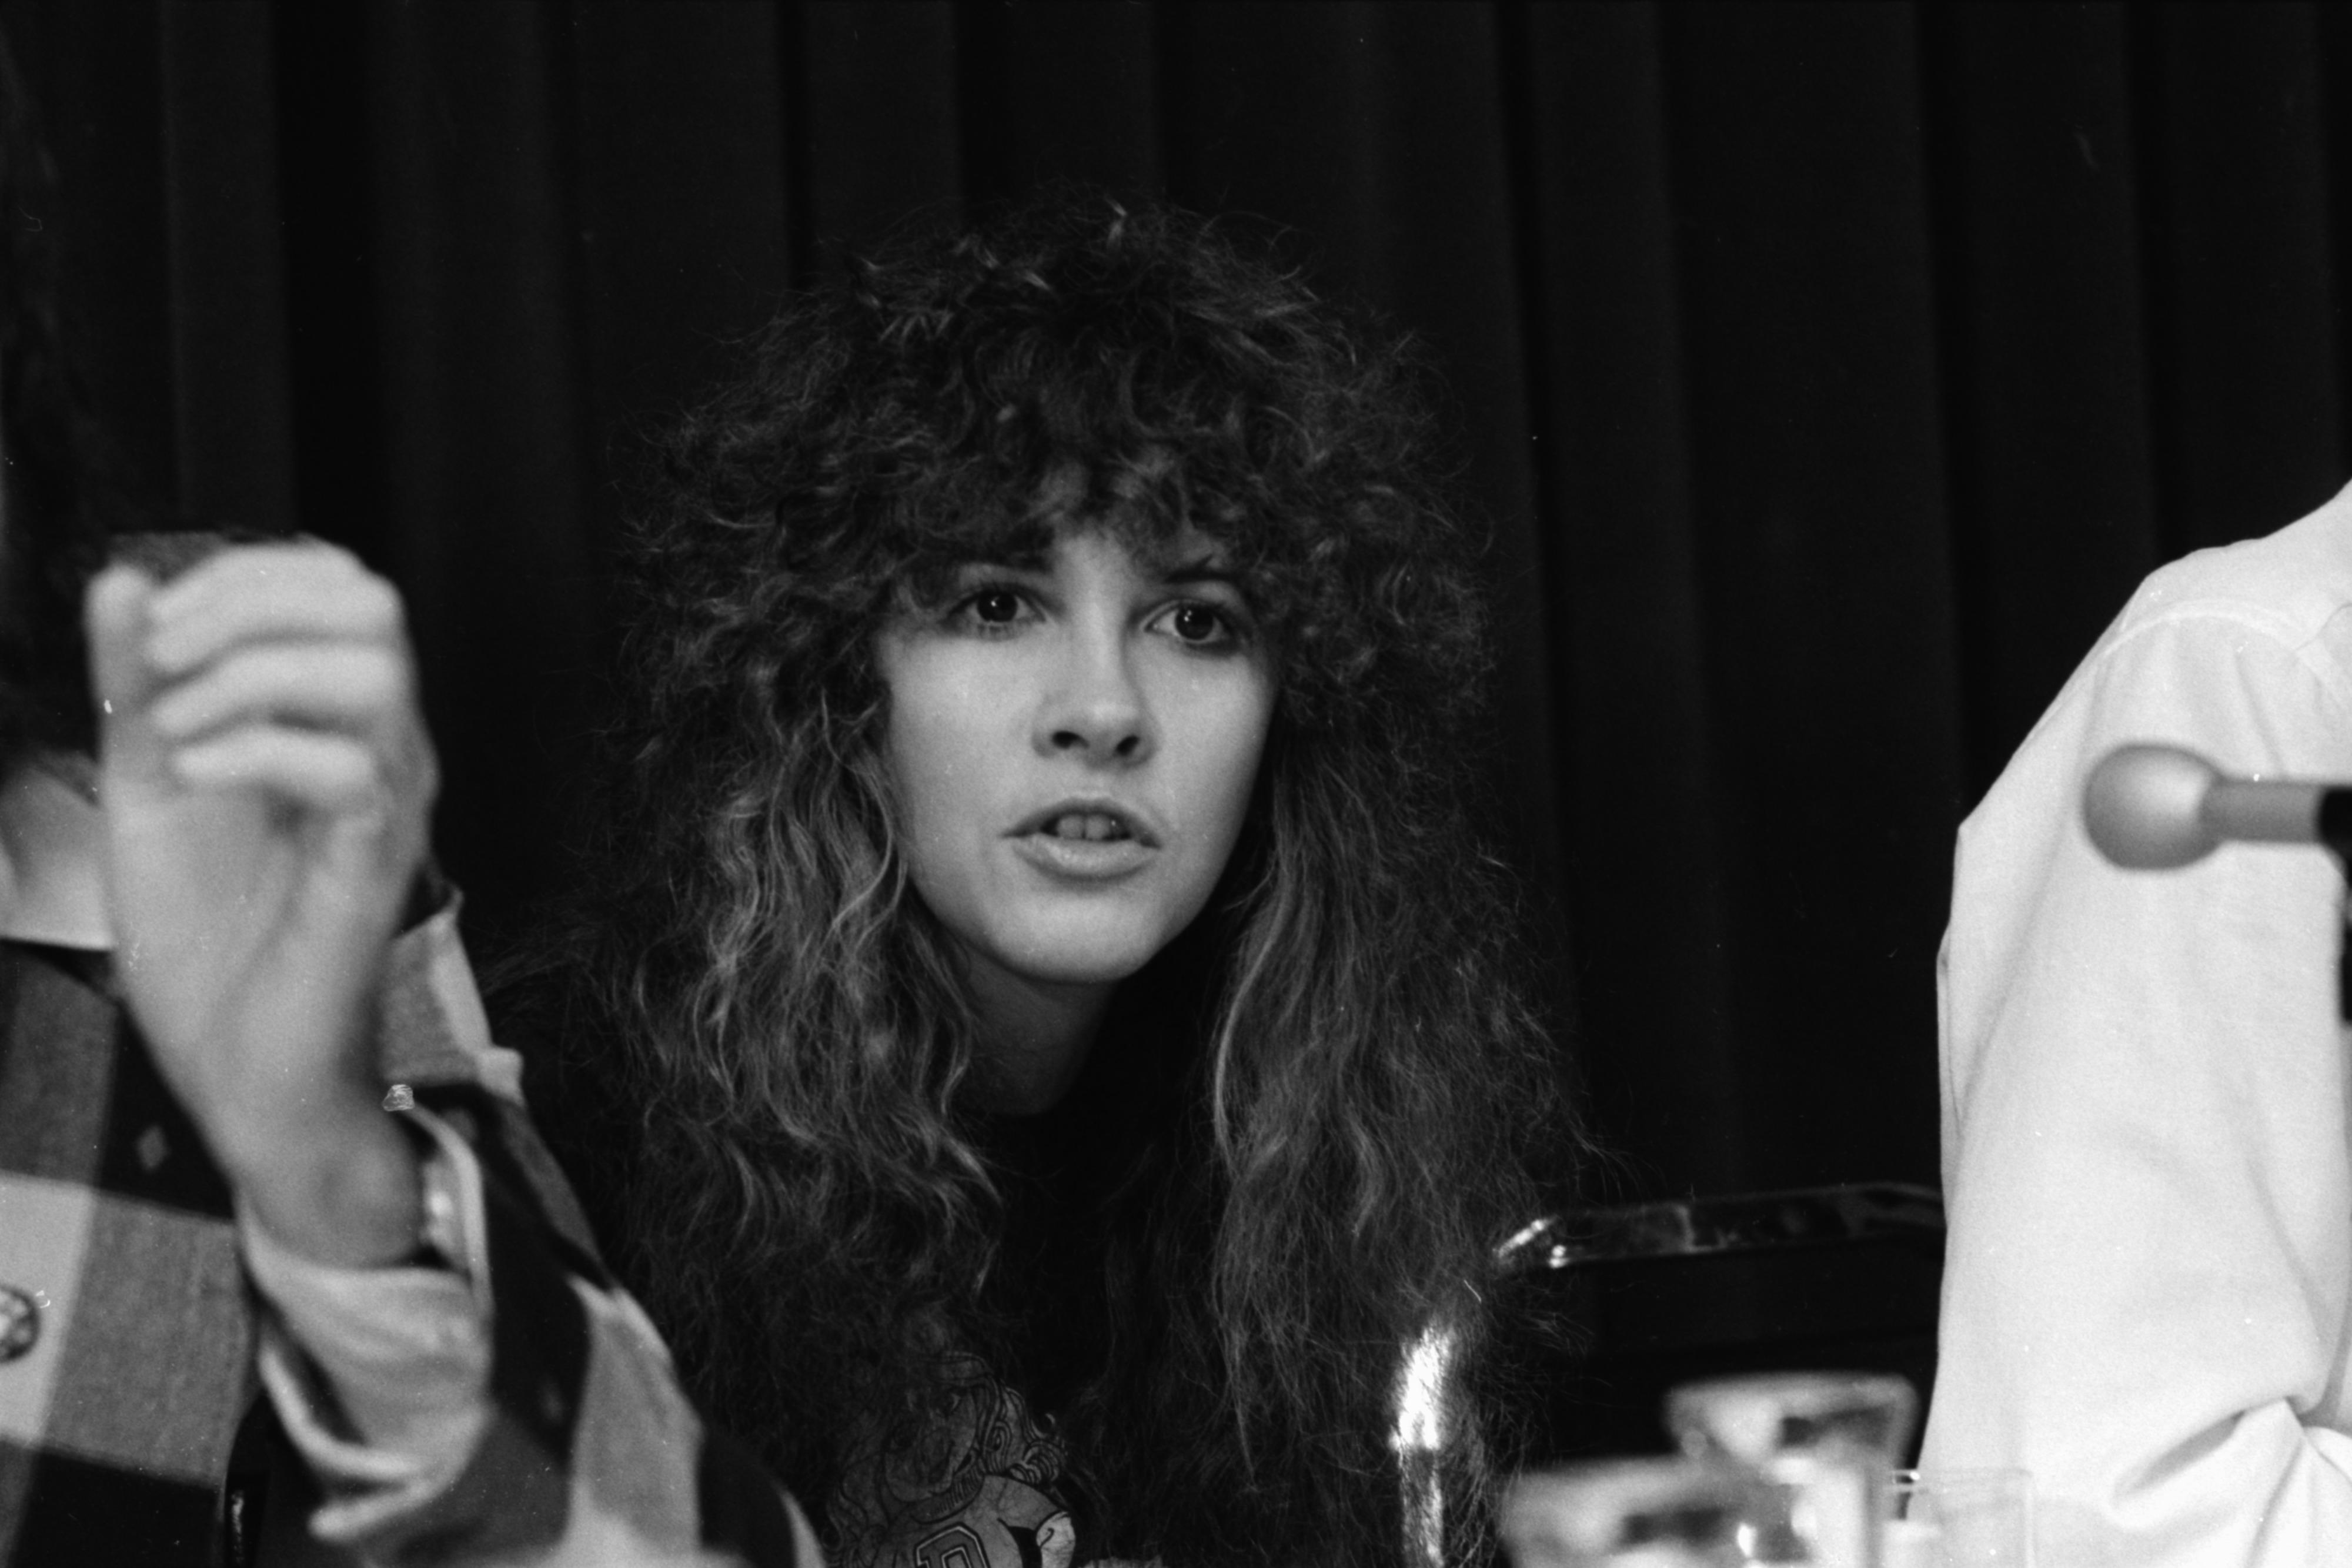 stevie nicks at ann arbor press conference tusk tour november 1979